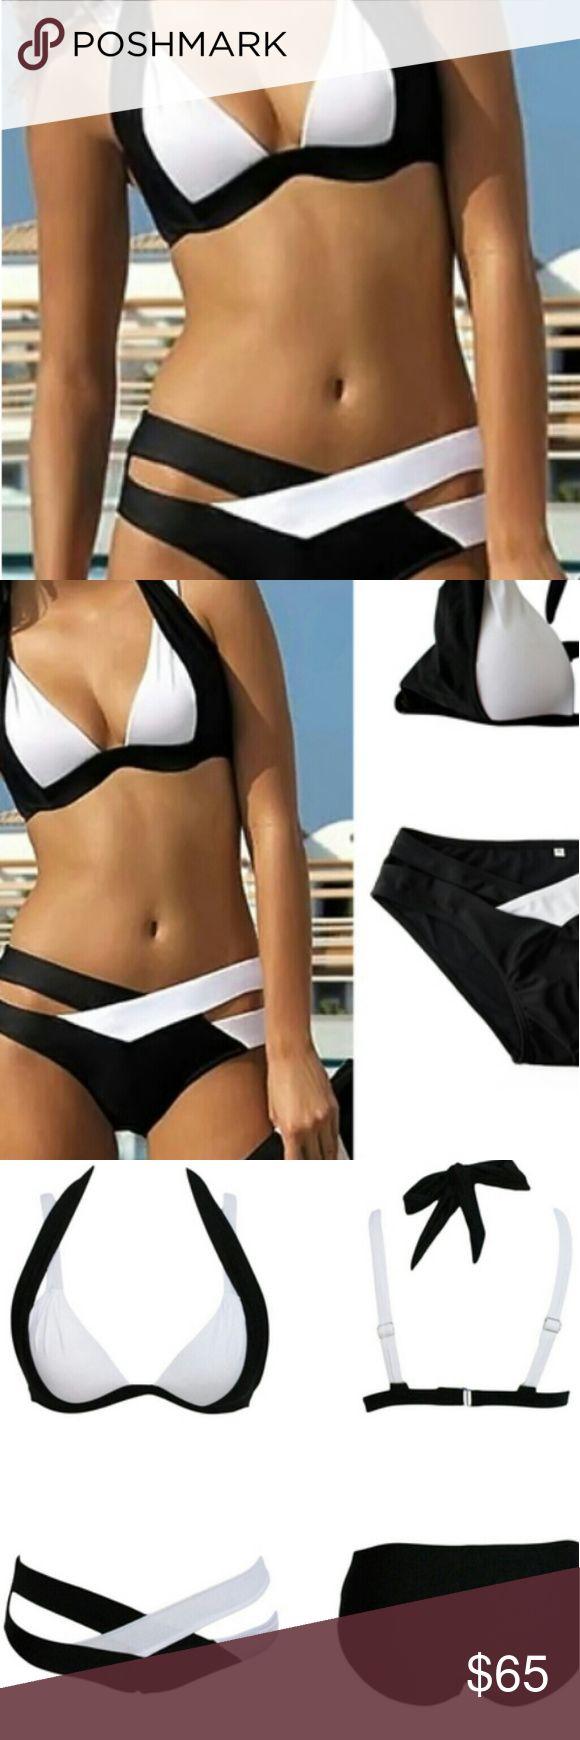 ☀️2 sizes available☀️Beautiful Bandage Bikini NIP Black and white bandage style swimsuit Swim Bikinis